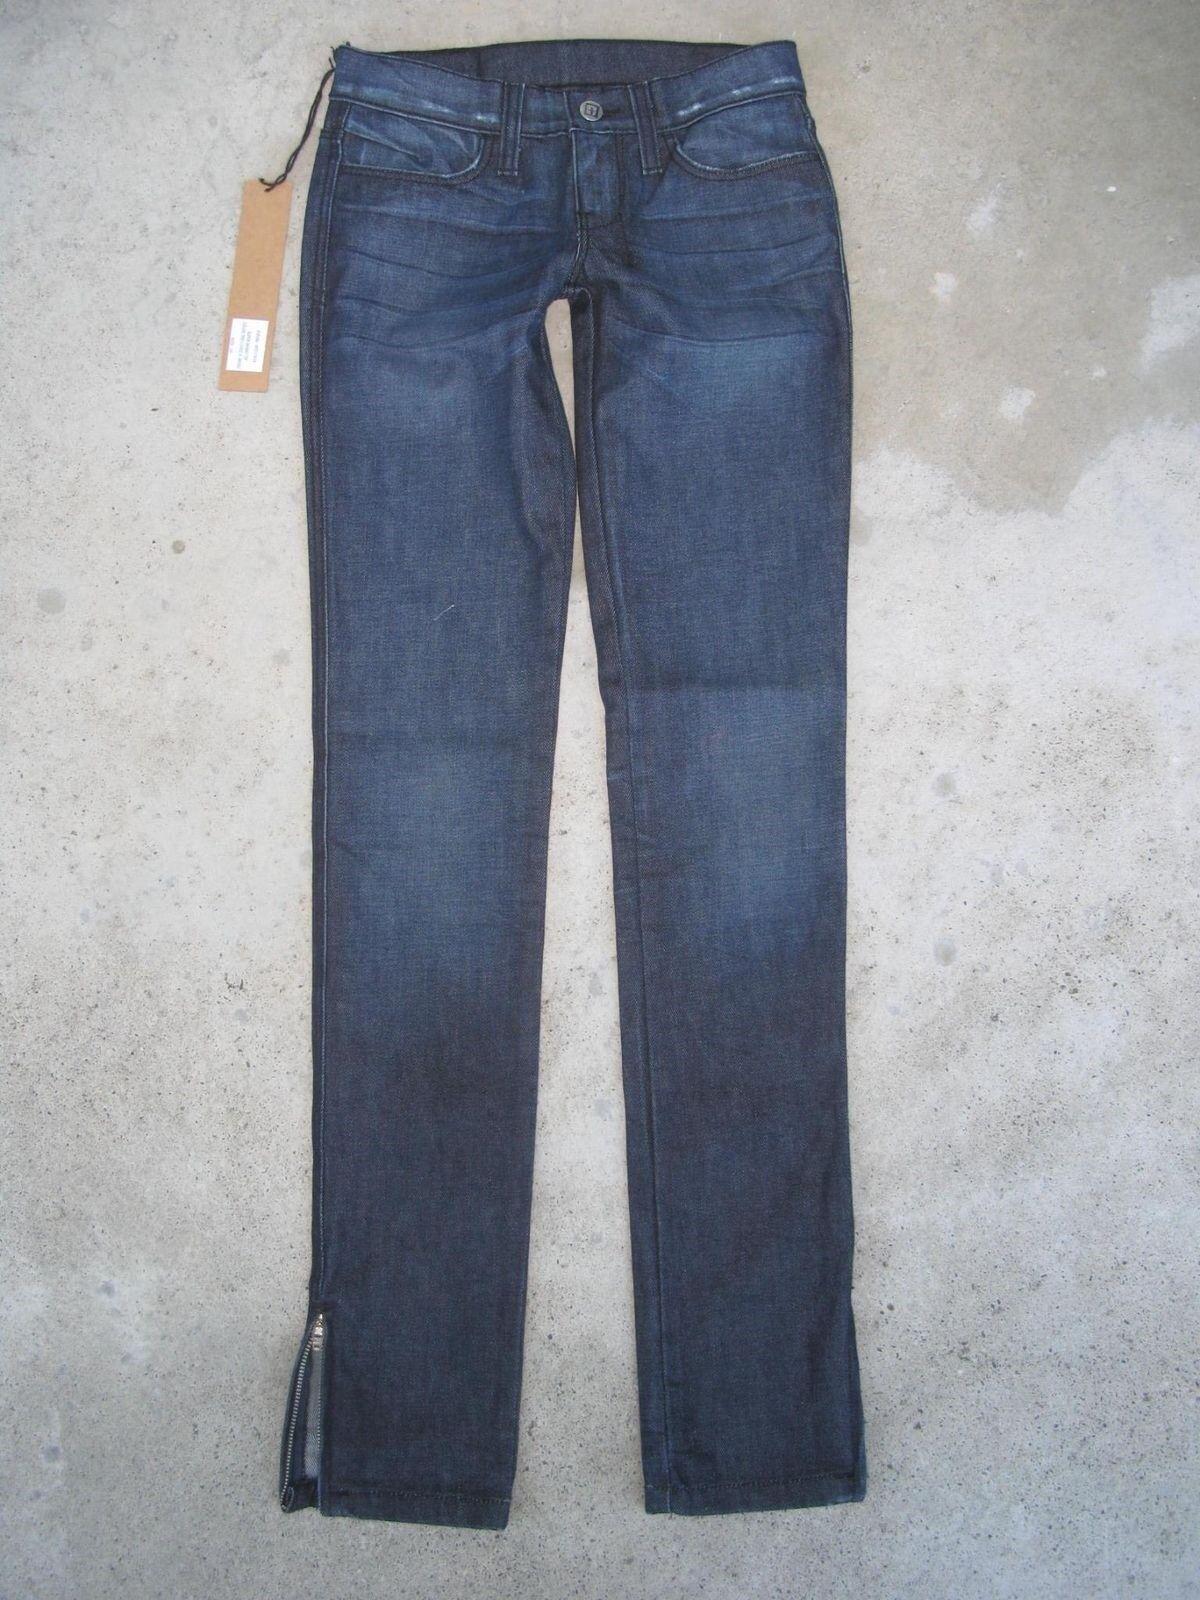 Ksubi Jeans Damen Super Enge Reißverschluss Säume Dunkel Distressed Sz 24 Neu